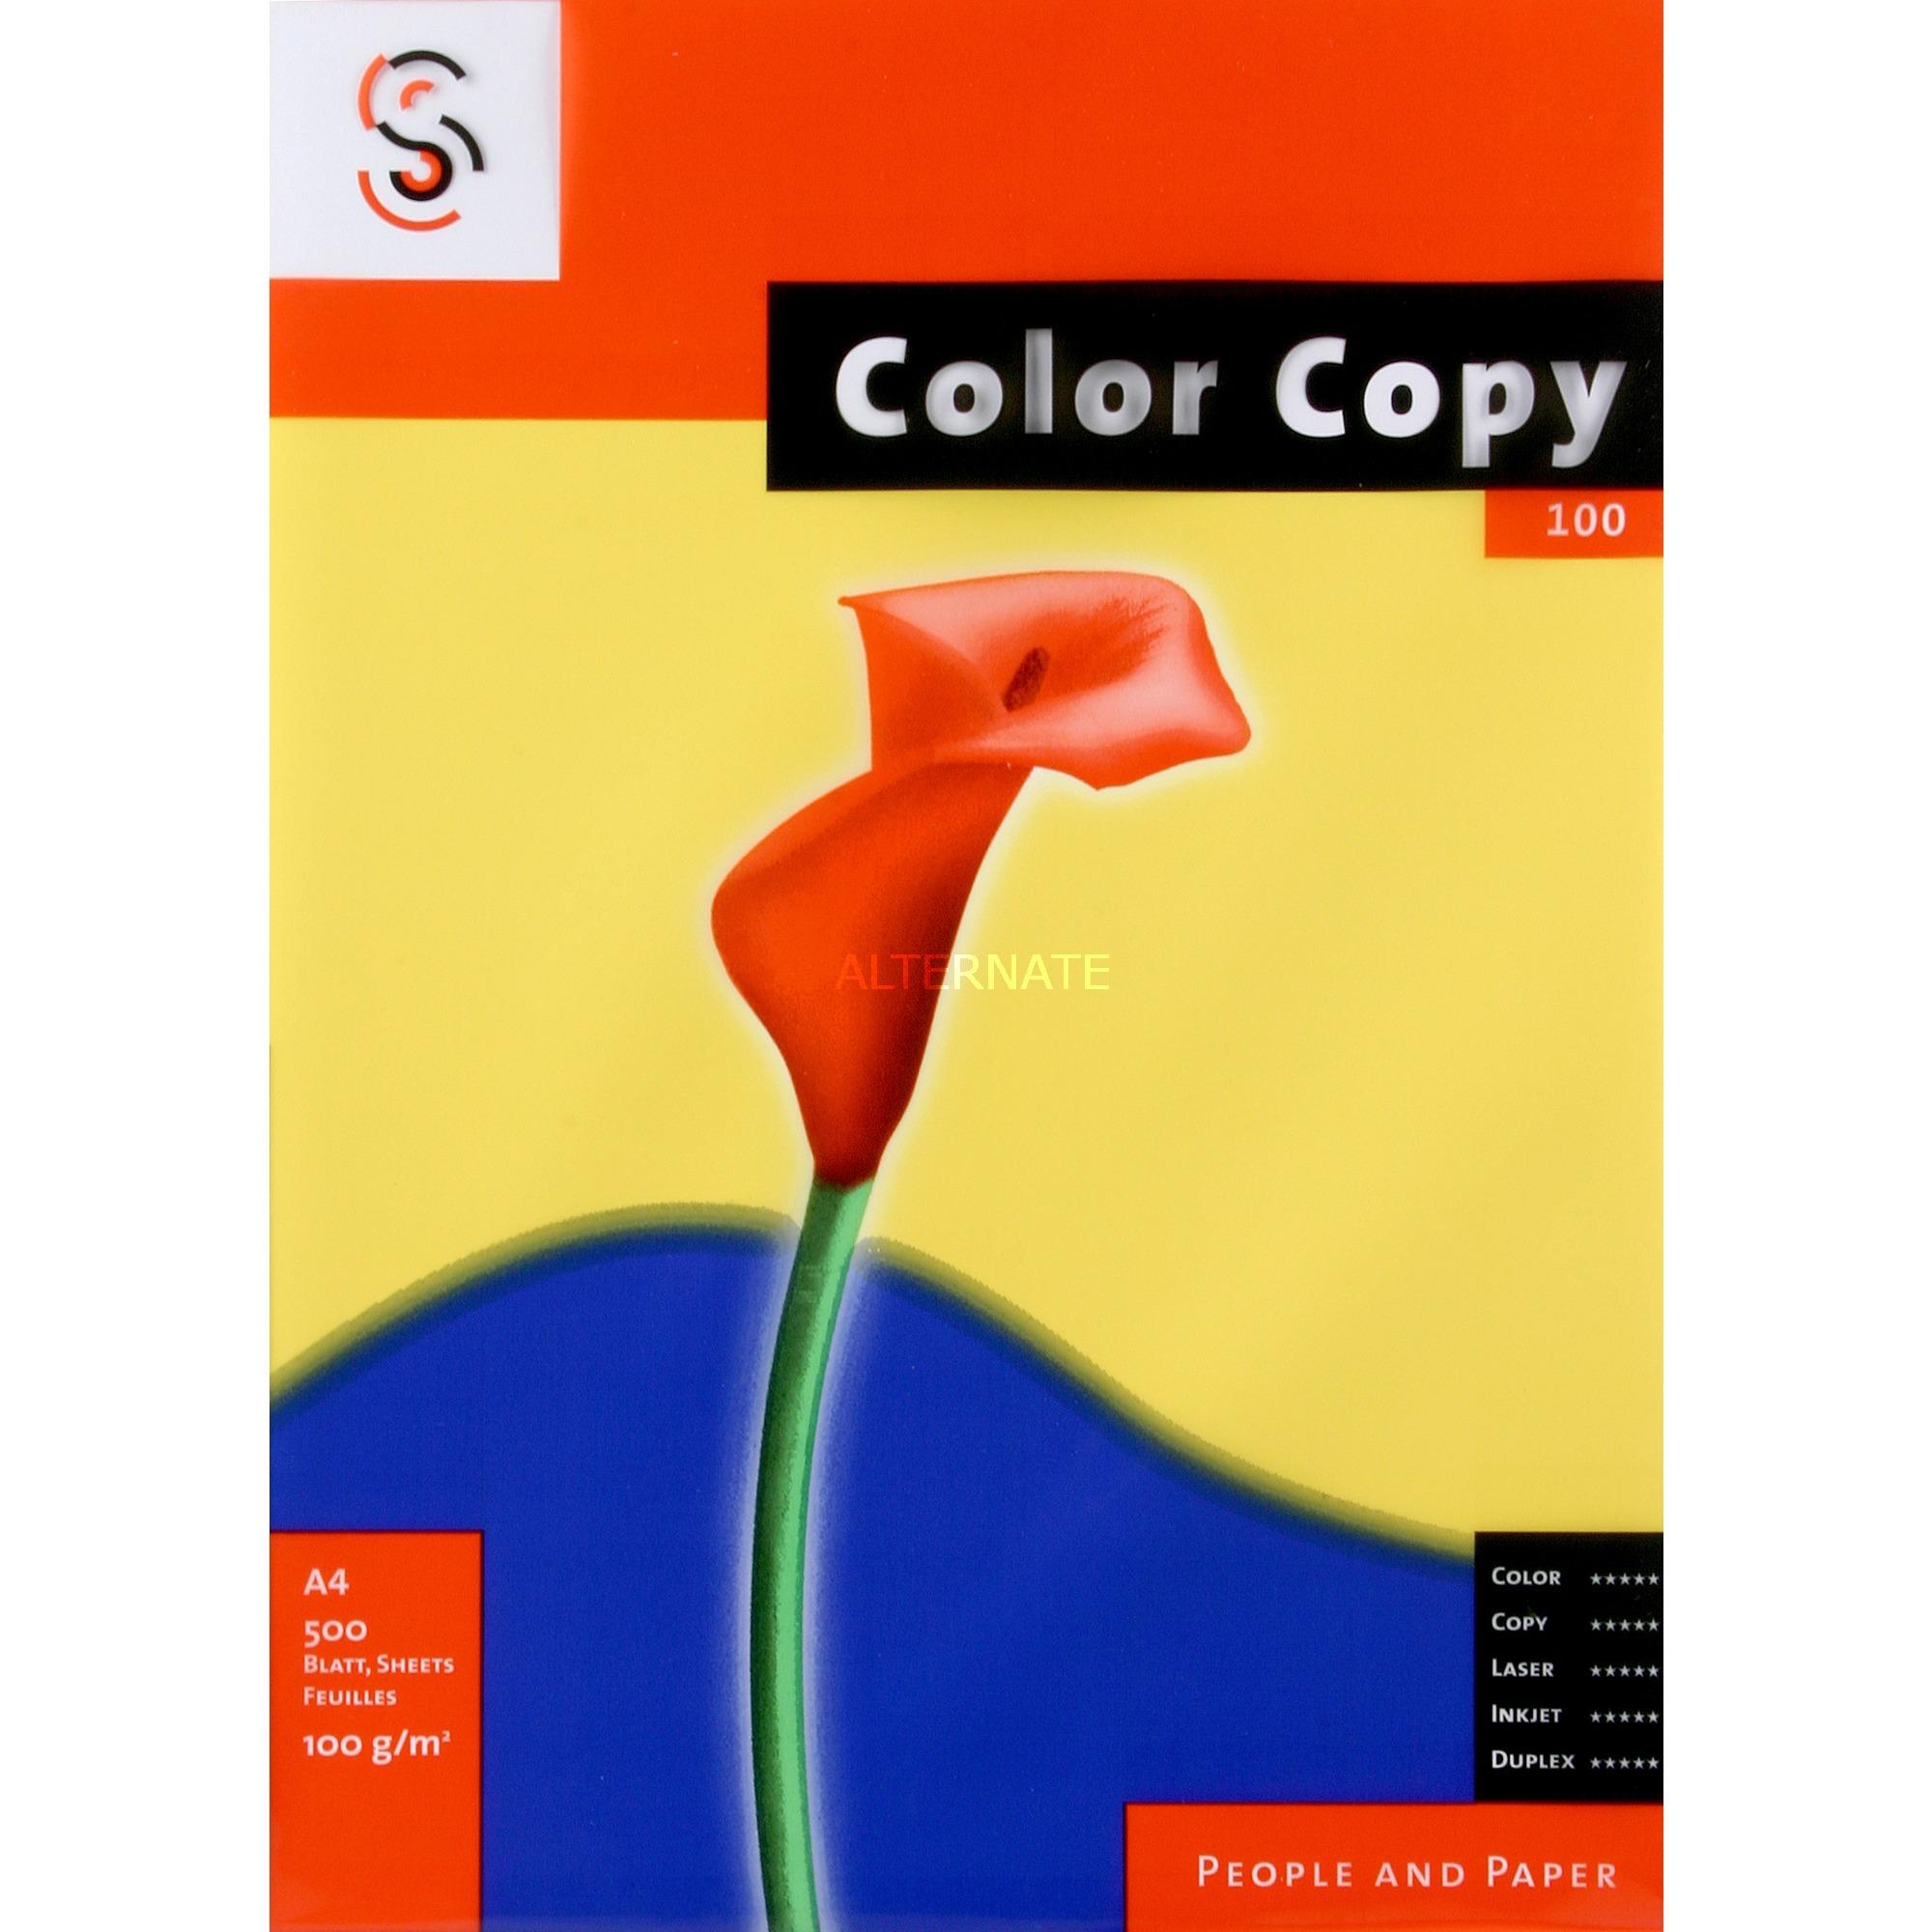 Color Copy, A4 papel para impresora de inyección de tinta A4 (210x297 mm) Satén Blanco